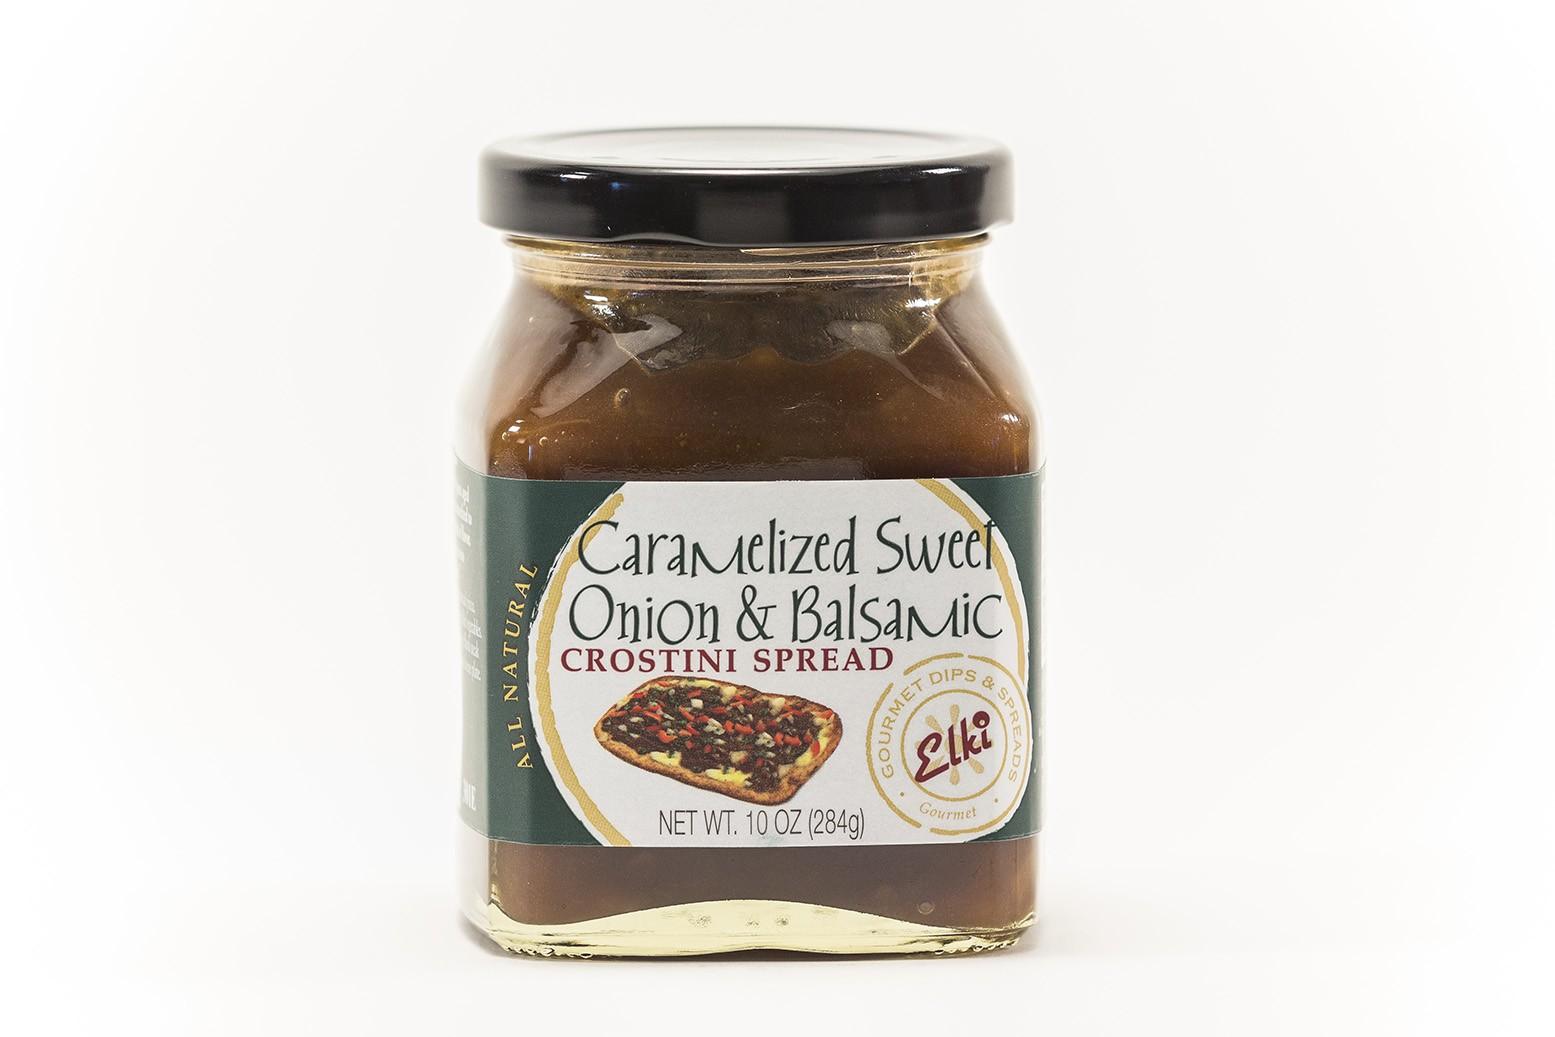 Caramelized Sweet Onion & Balsamic Crostini Spread